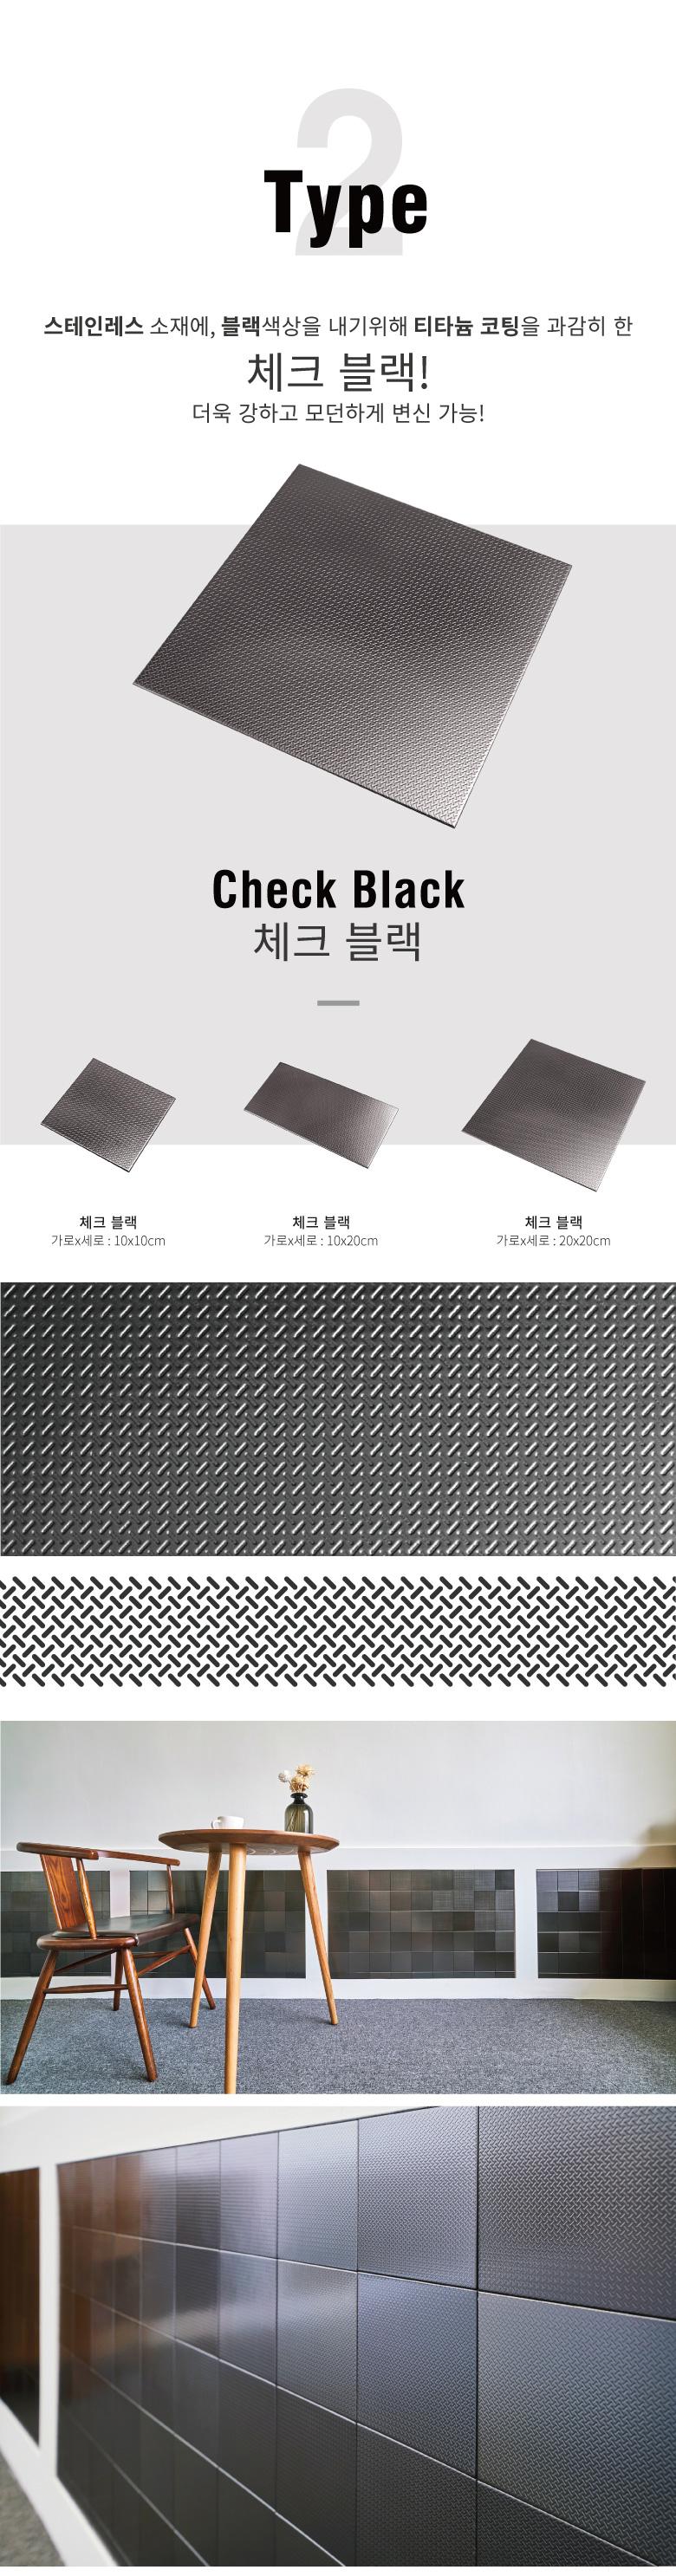 점착식 스텐레스타일 체크블랙 (가로)10cm×(세로)10cm - 데코사랑, 960원, 장식/부자재, 벽장식